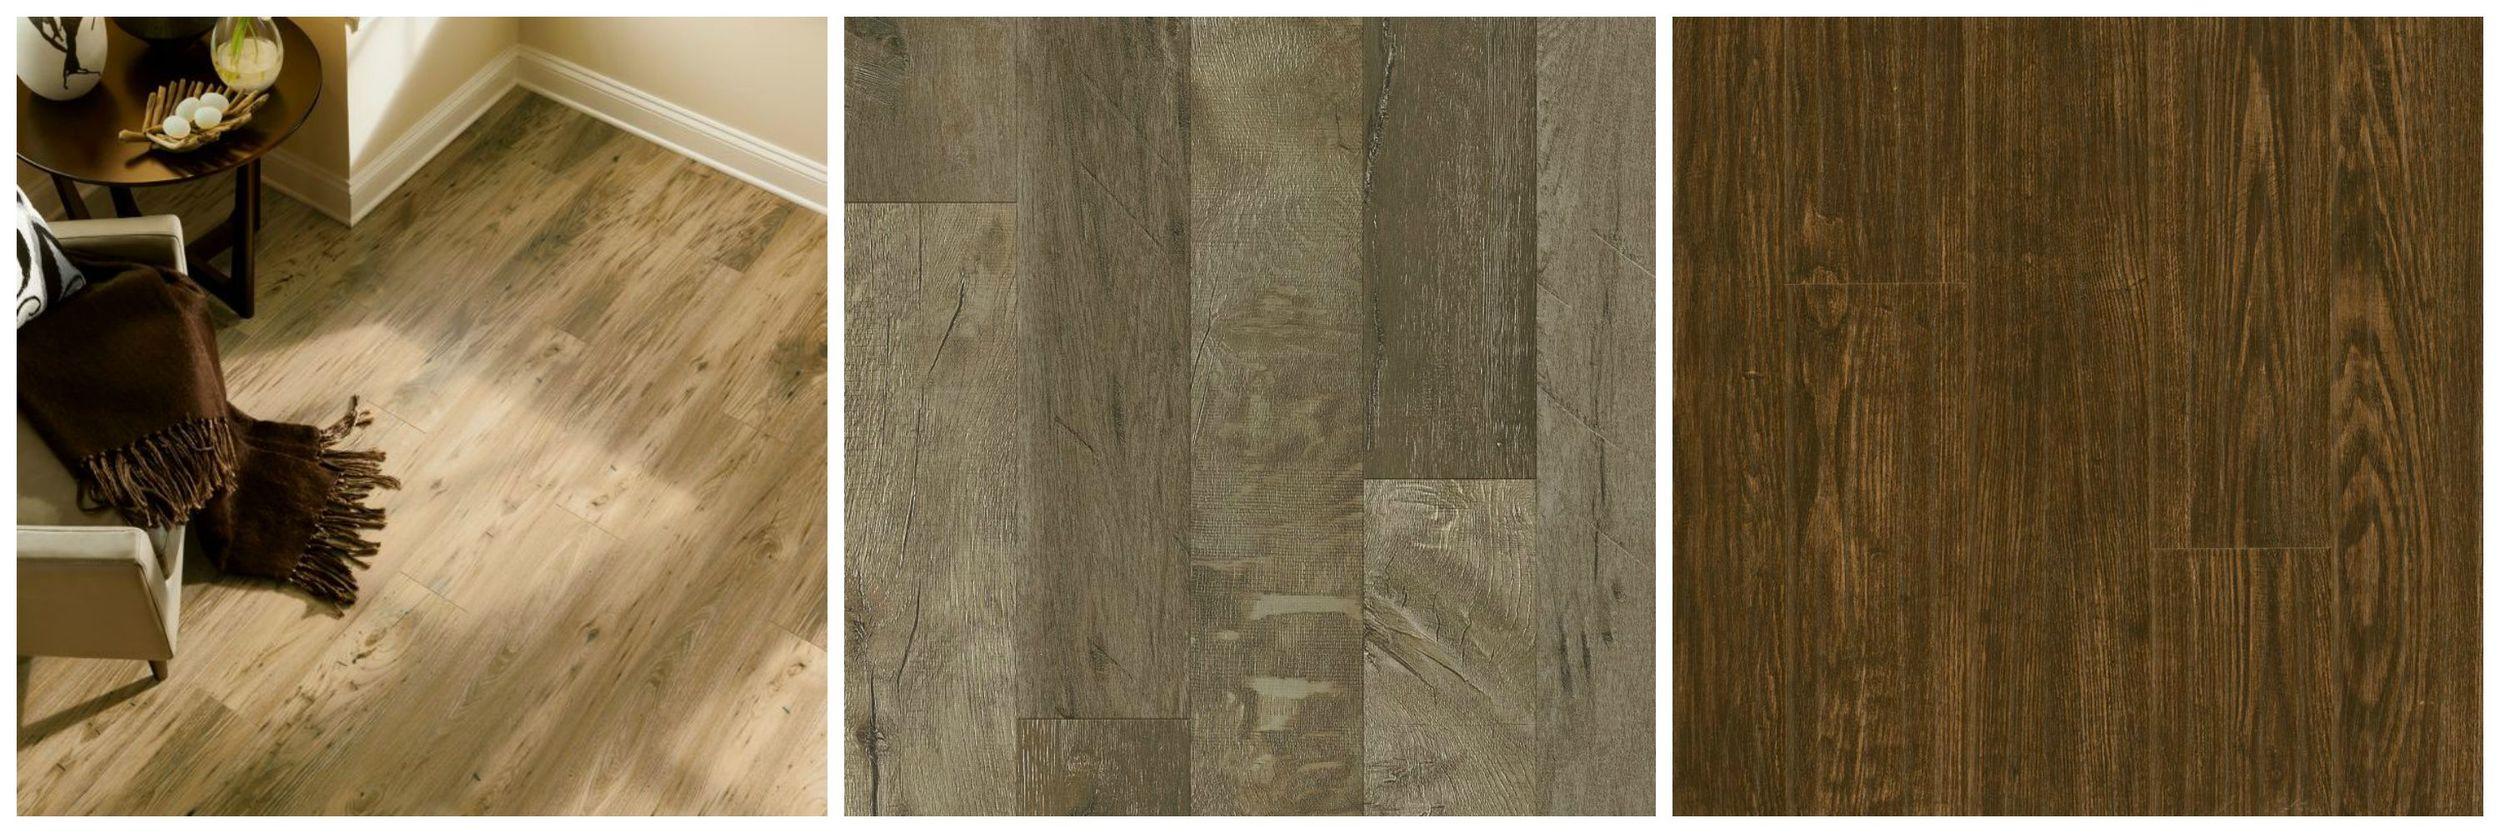 Armstrong's Rustics Premium Laminate Flooring